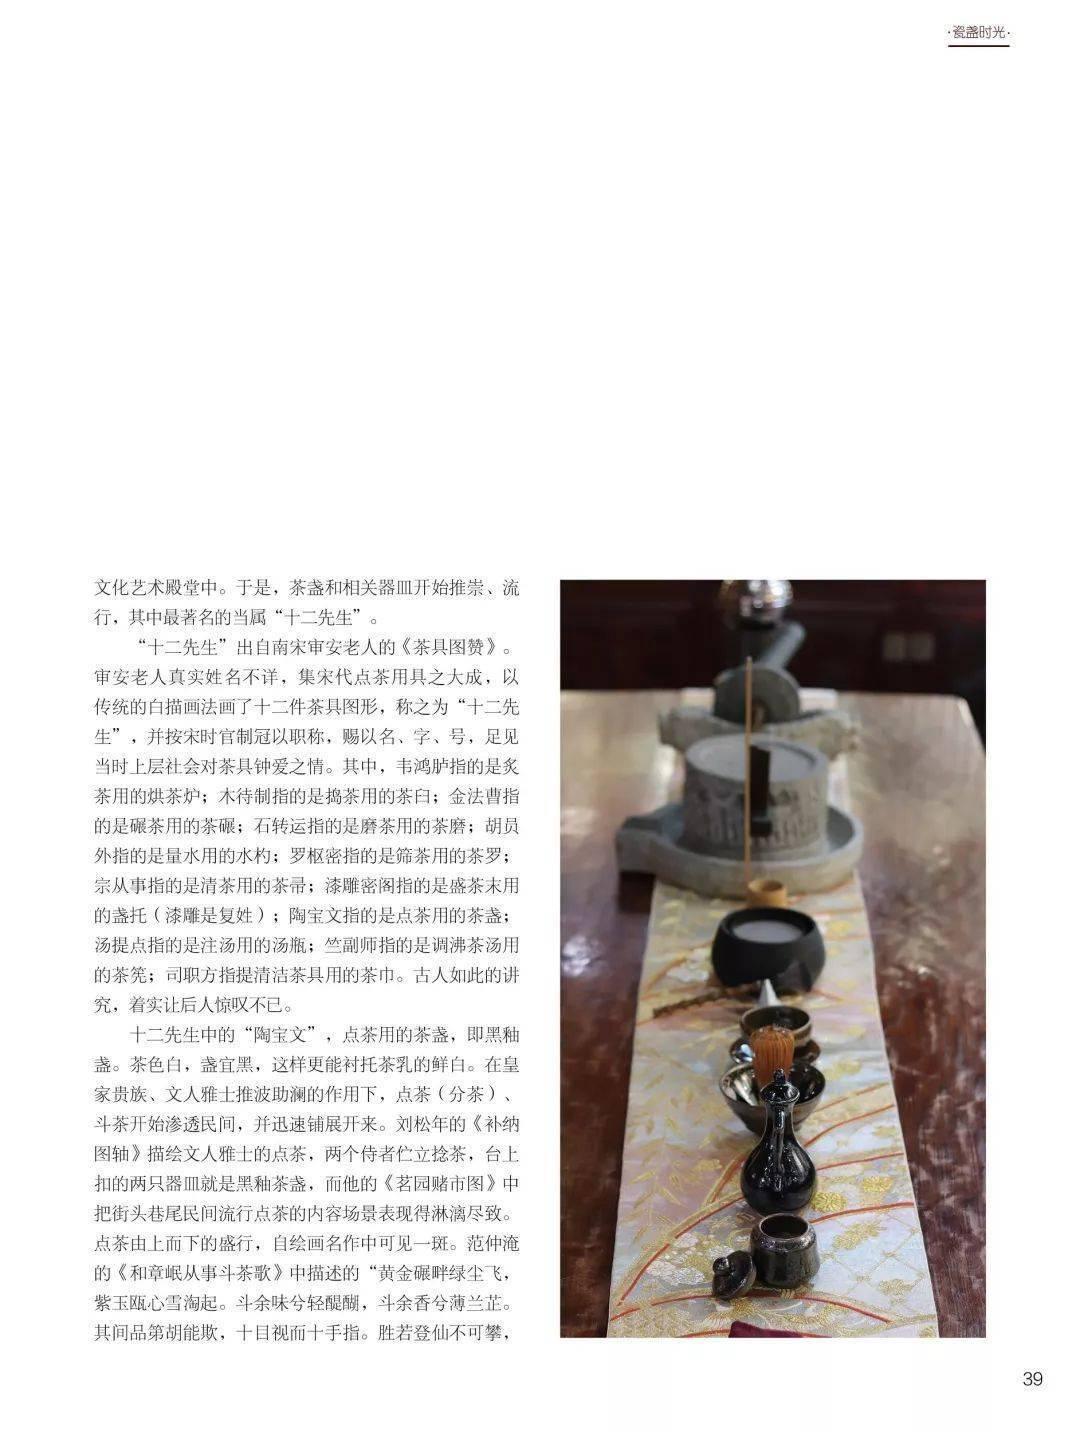 福清东张窑之二—— 一器成名只为茗